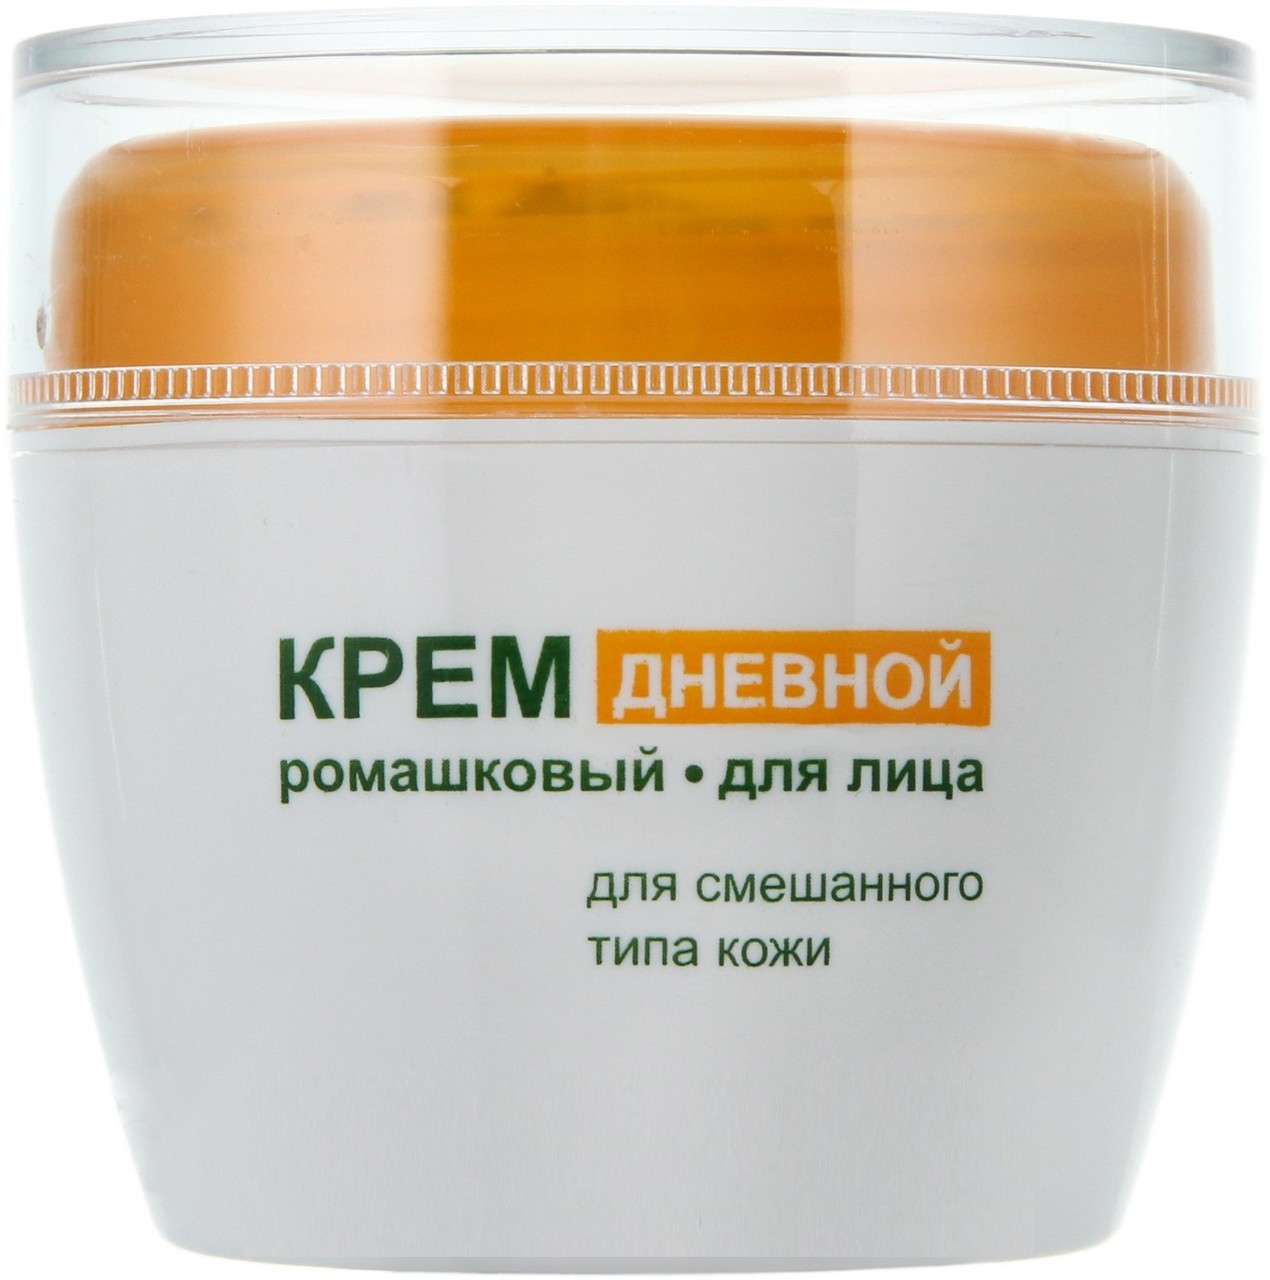 Крем ромашковый для лица дневной для смешаного типа кожи 50 мл